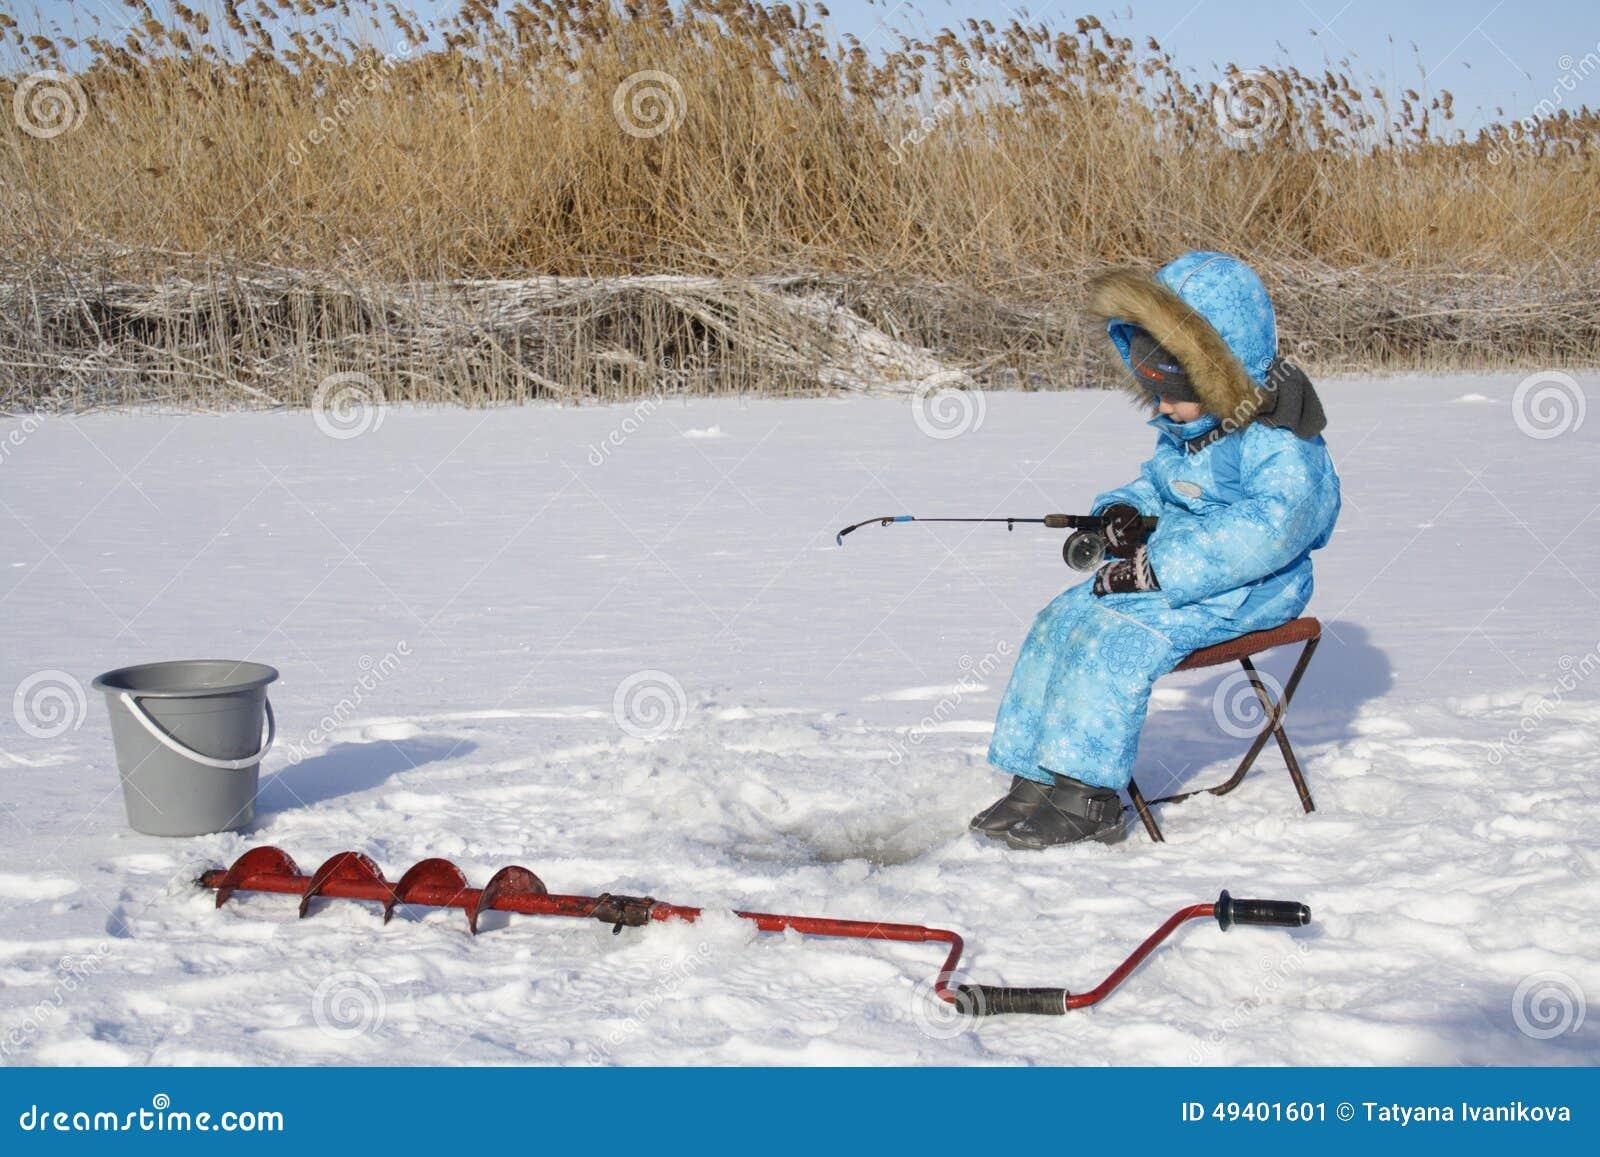 Download Winter Jungen Fischer Fischend Stockbild - Bild von glück, freundlich: 49401601